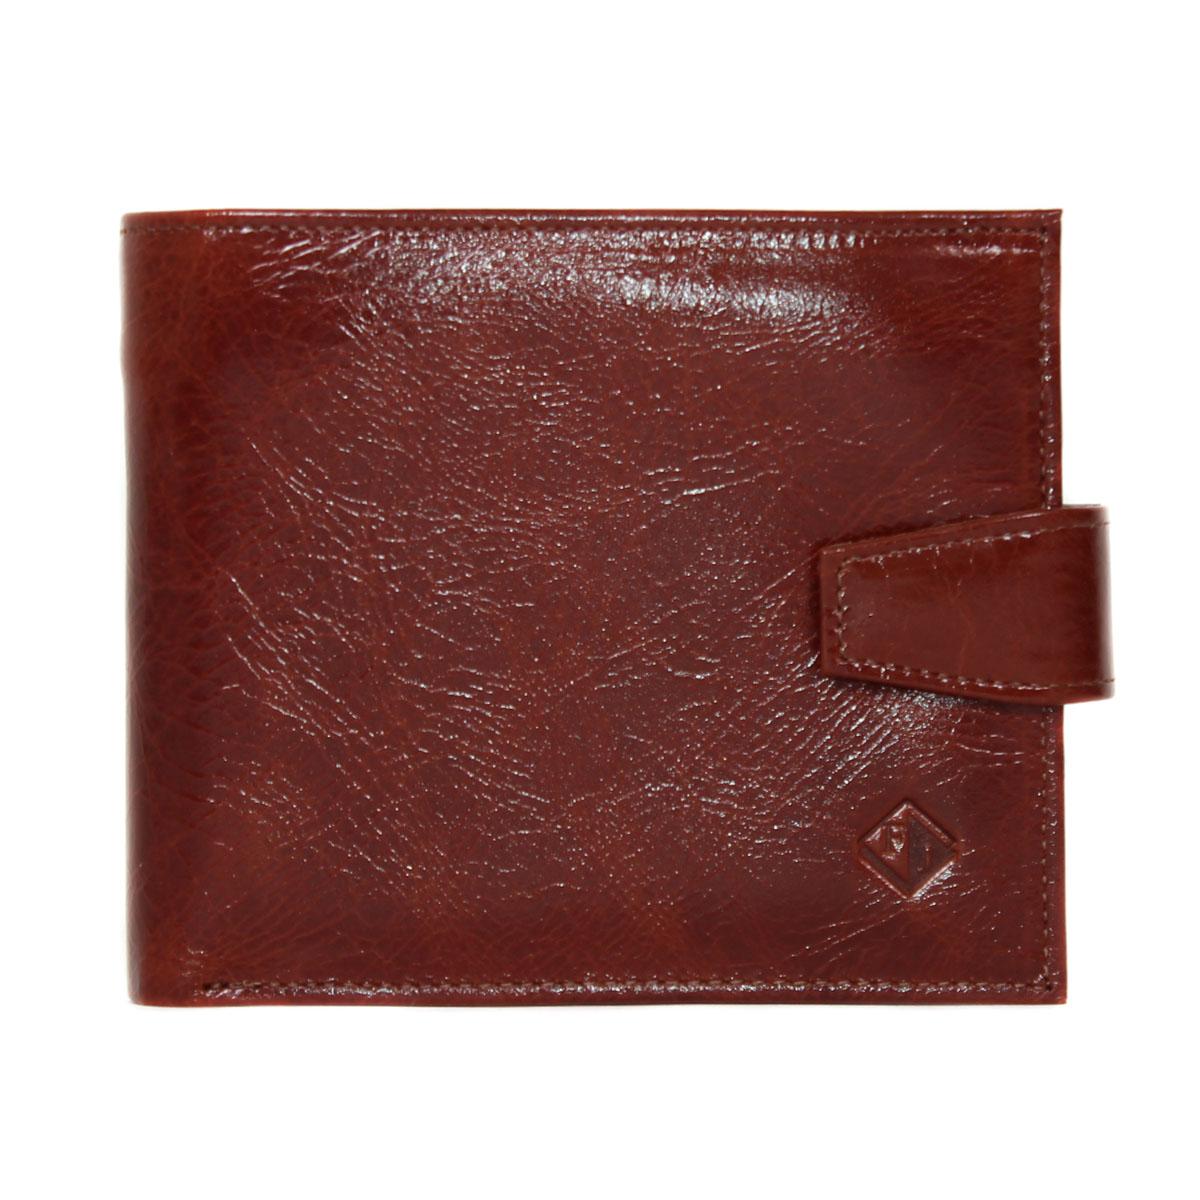 Портмоне мужское Flioraj, цвет: коричневый. 0005112500051125Внутри отделения для купюр, отделение для фото, кармашки для визиток и банковских карт.